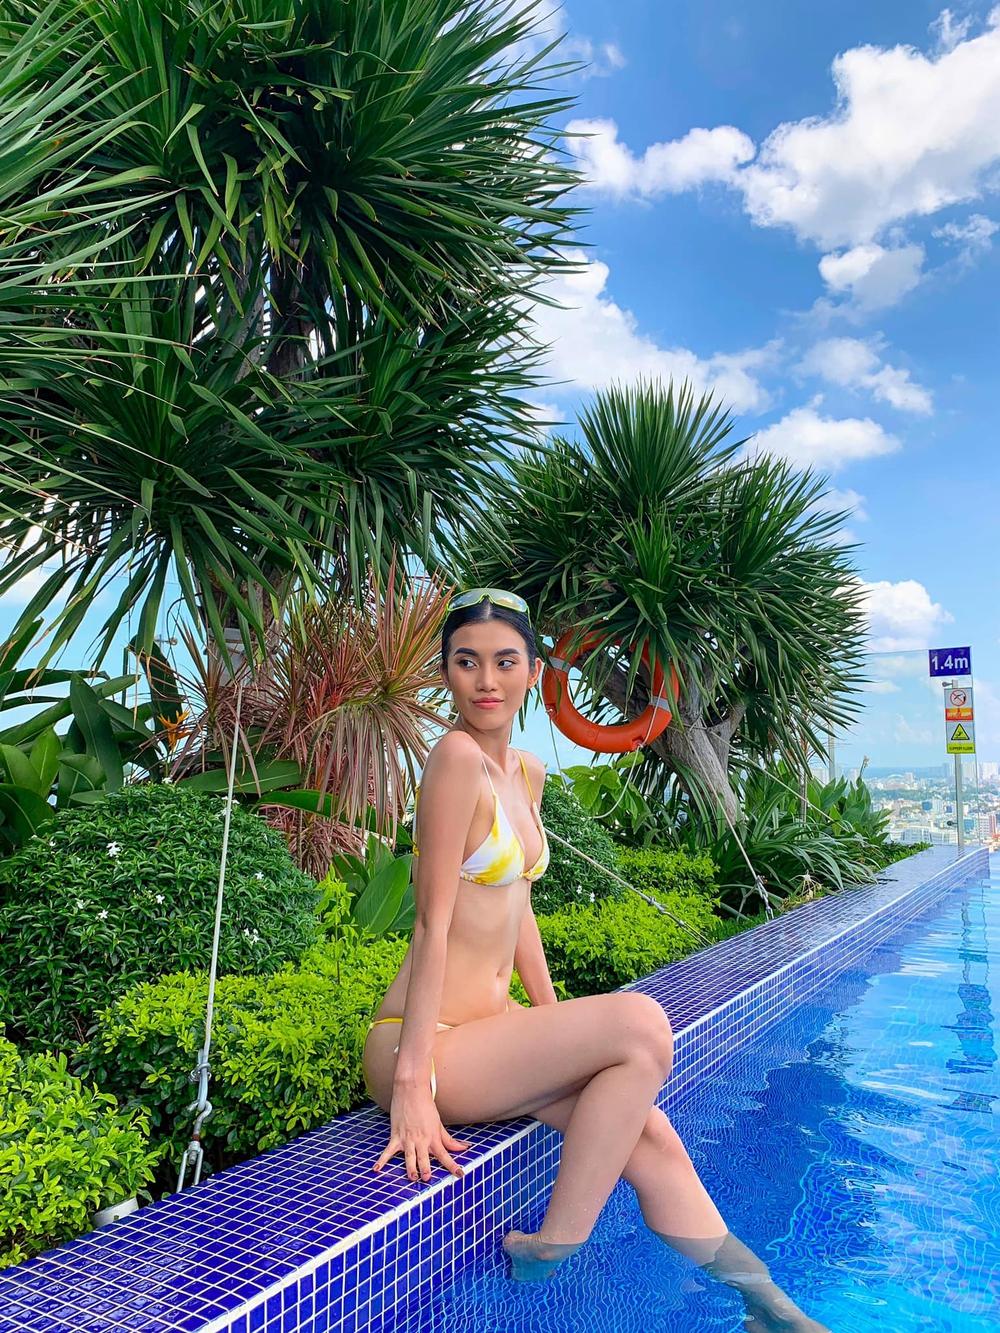 Hậu chia tay tỷ phú U80, người mẫu Việt tung loạt ảnh bikini nóng bỏng - Ảnh 6.